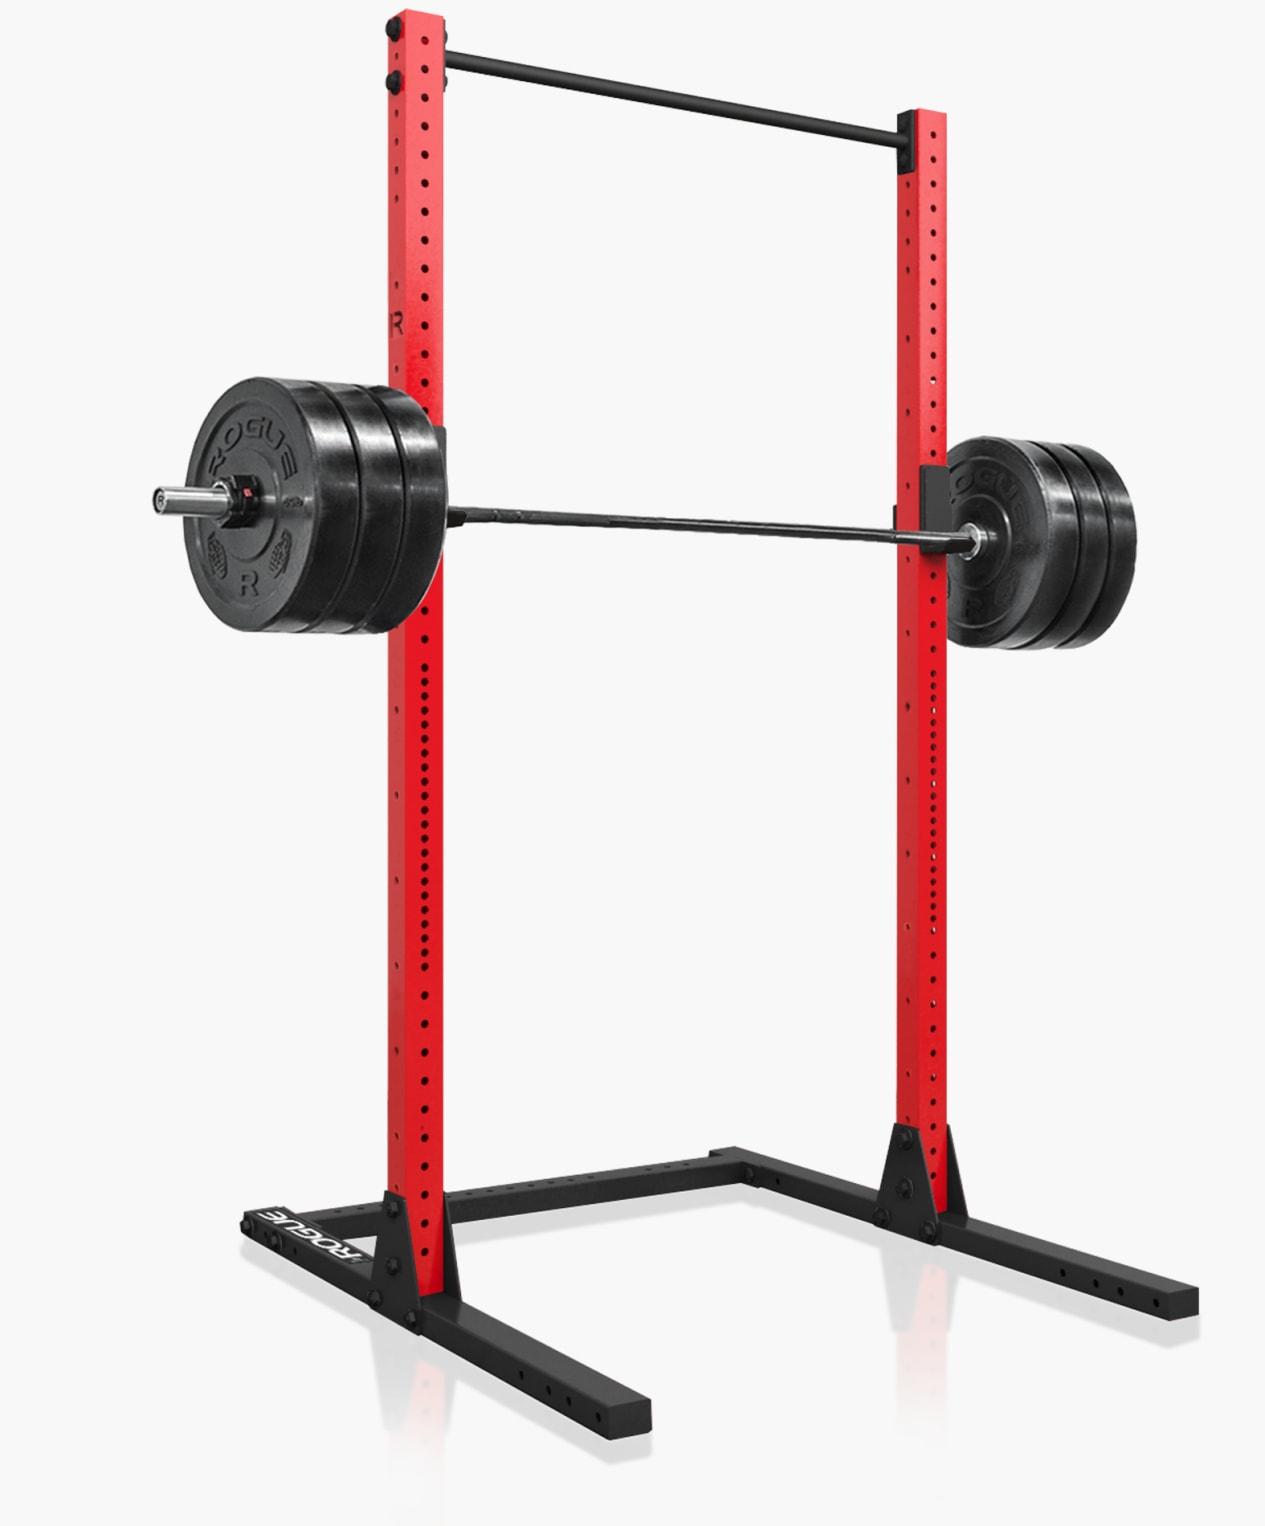 catalog/Rigs and Racks/Squat Stands/Monster Lite Squat Stands/AU-SML-2C/AU-SML-2C-h-rogue-red-dynamic_1_vdpjxt